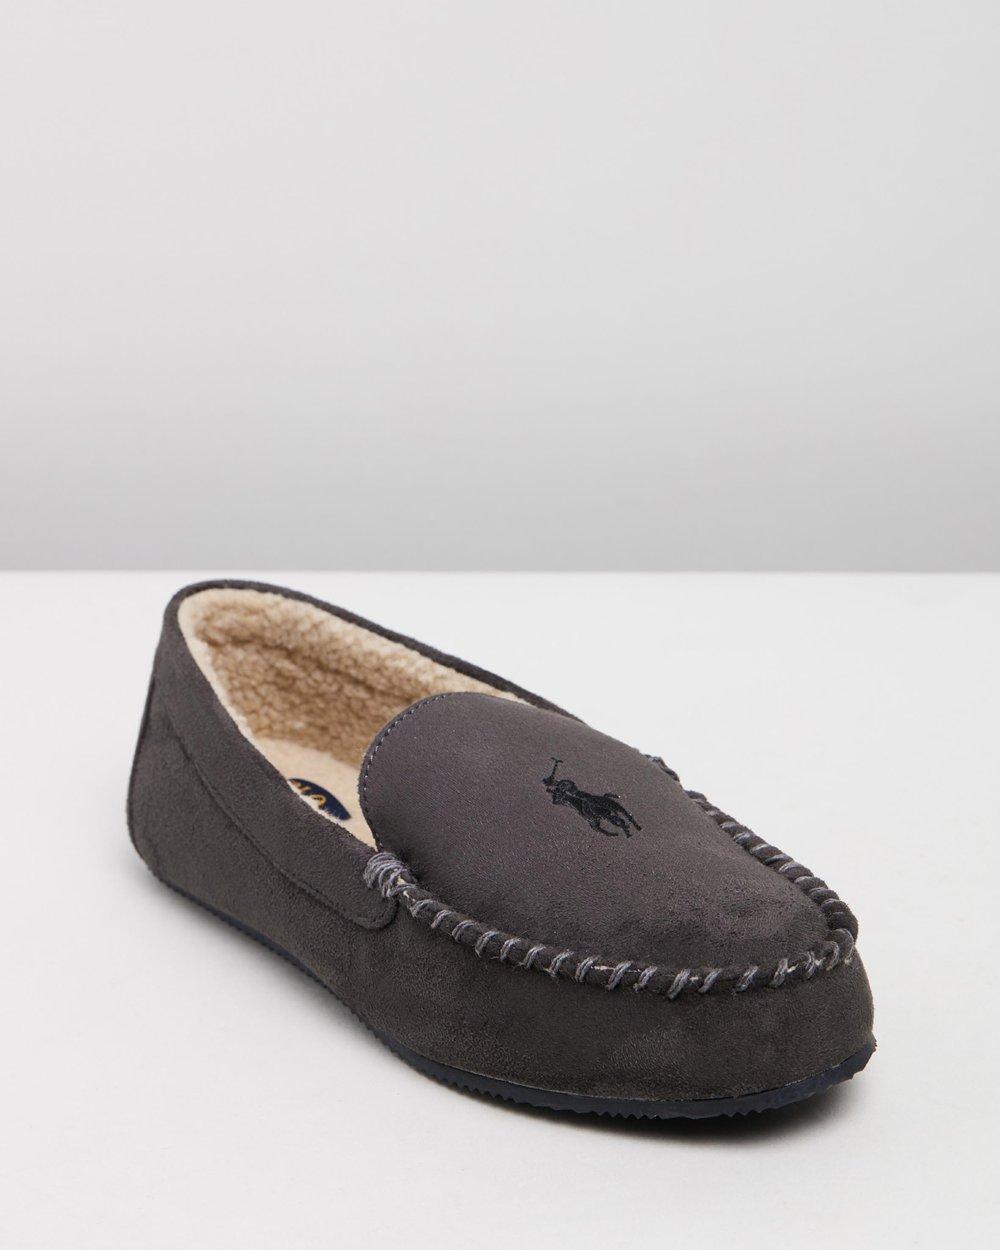 ea6840b16b Dezi IV Slippers by Polo Ralph Lauren Online